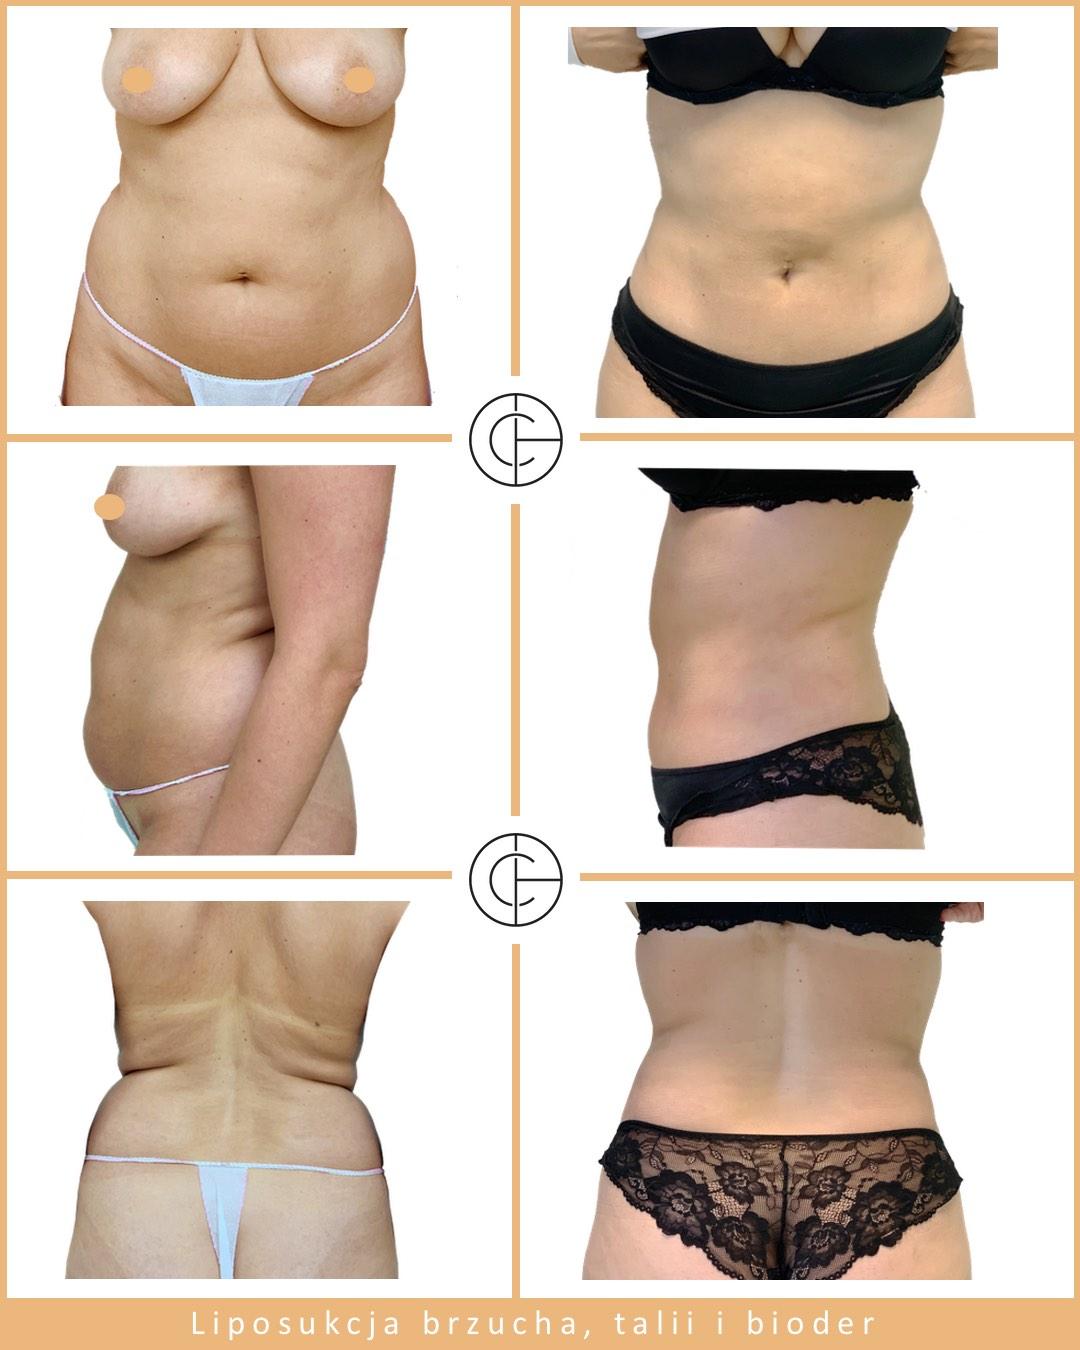 02 liposukcja brzuch, talia biodra2 JPG